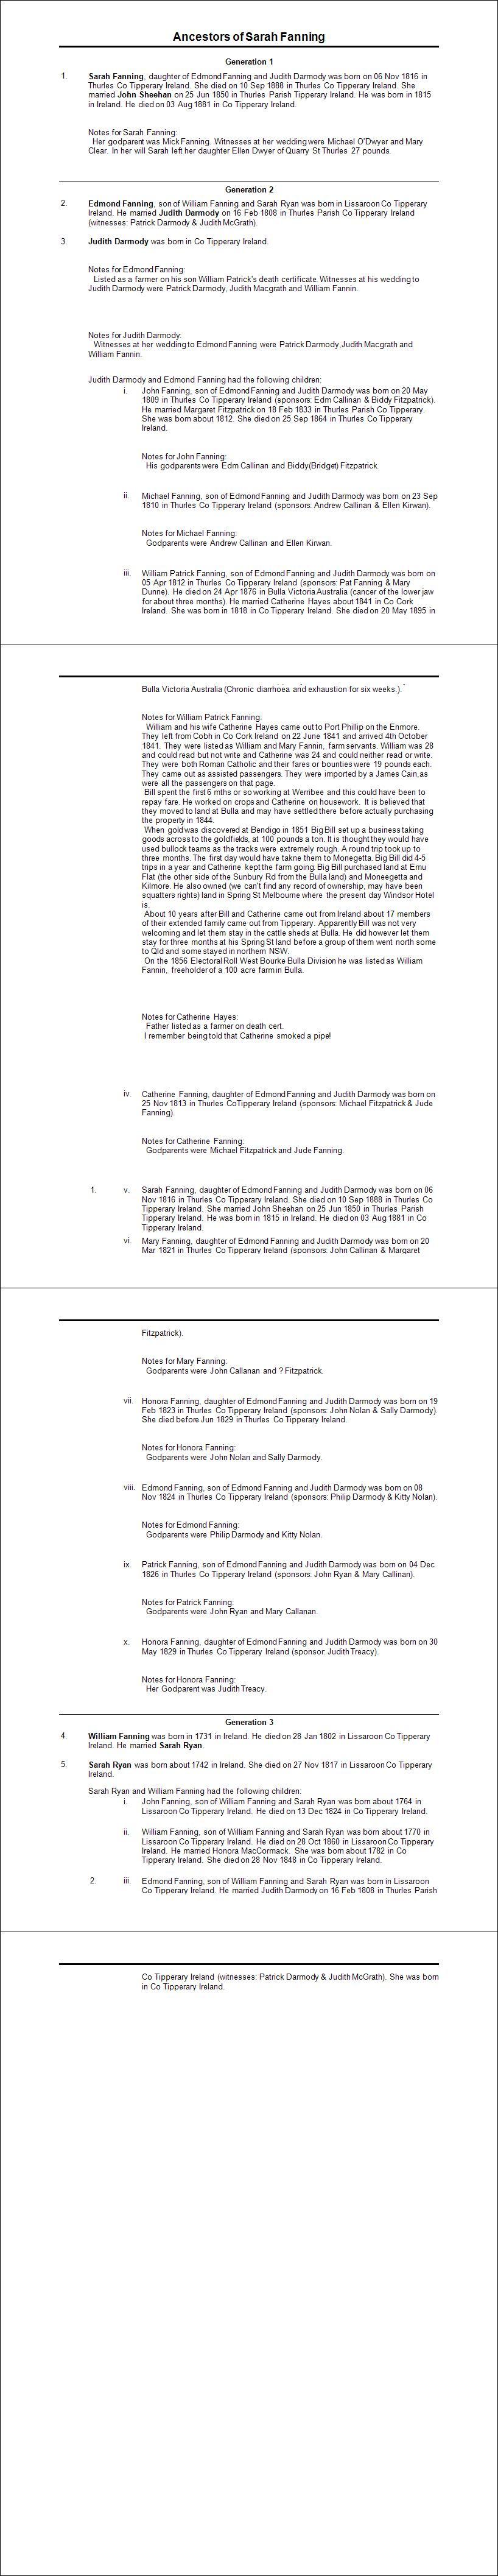 Sarah Sheehan nee Fanning Ancestor Report 2015